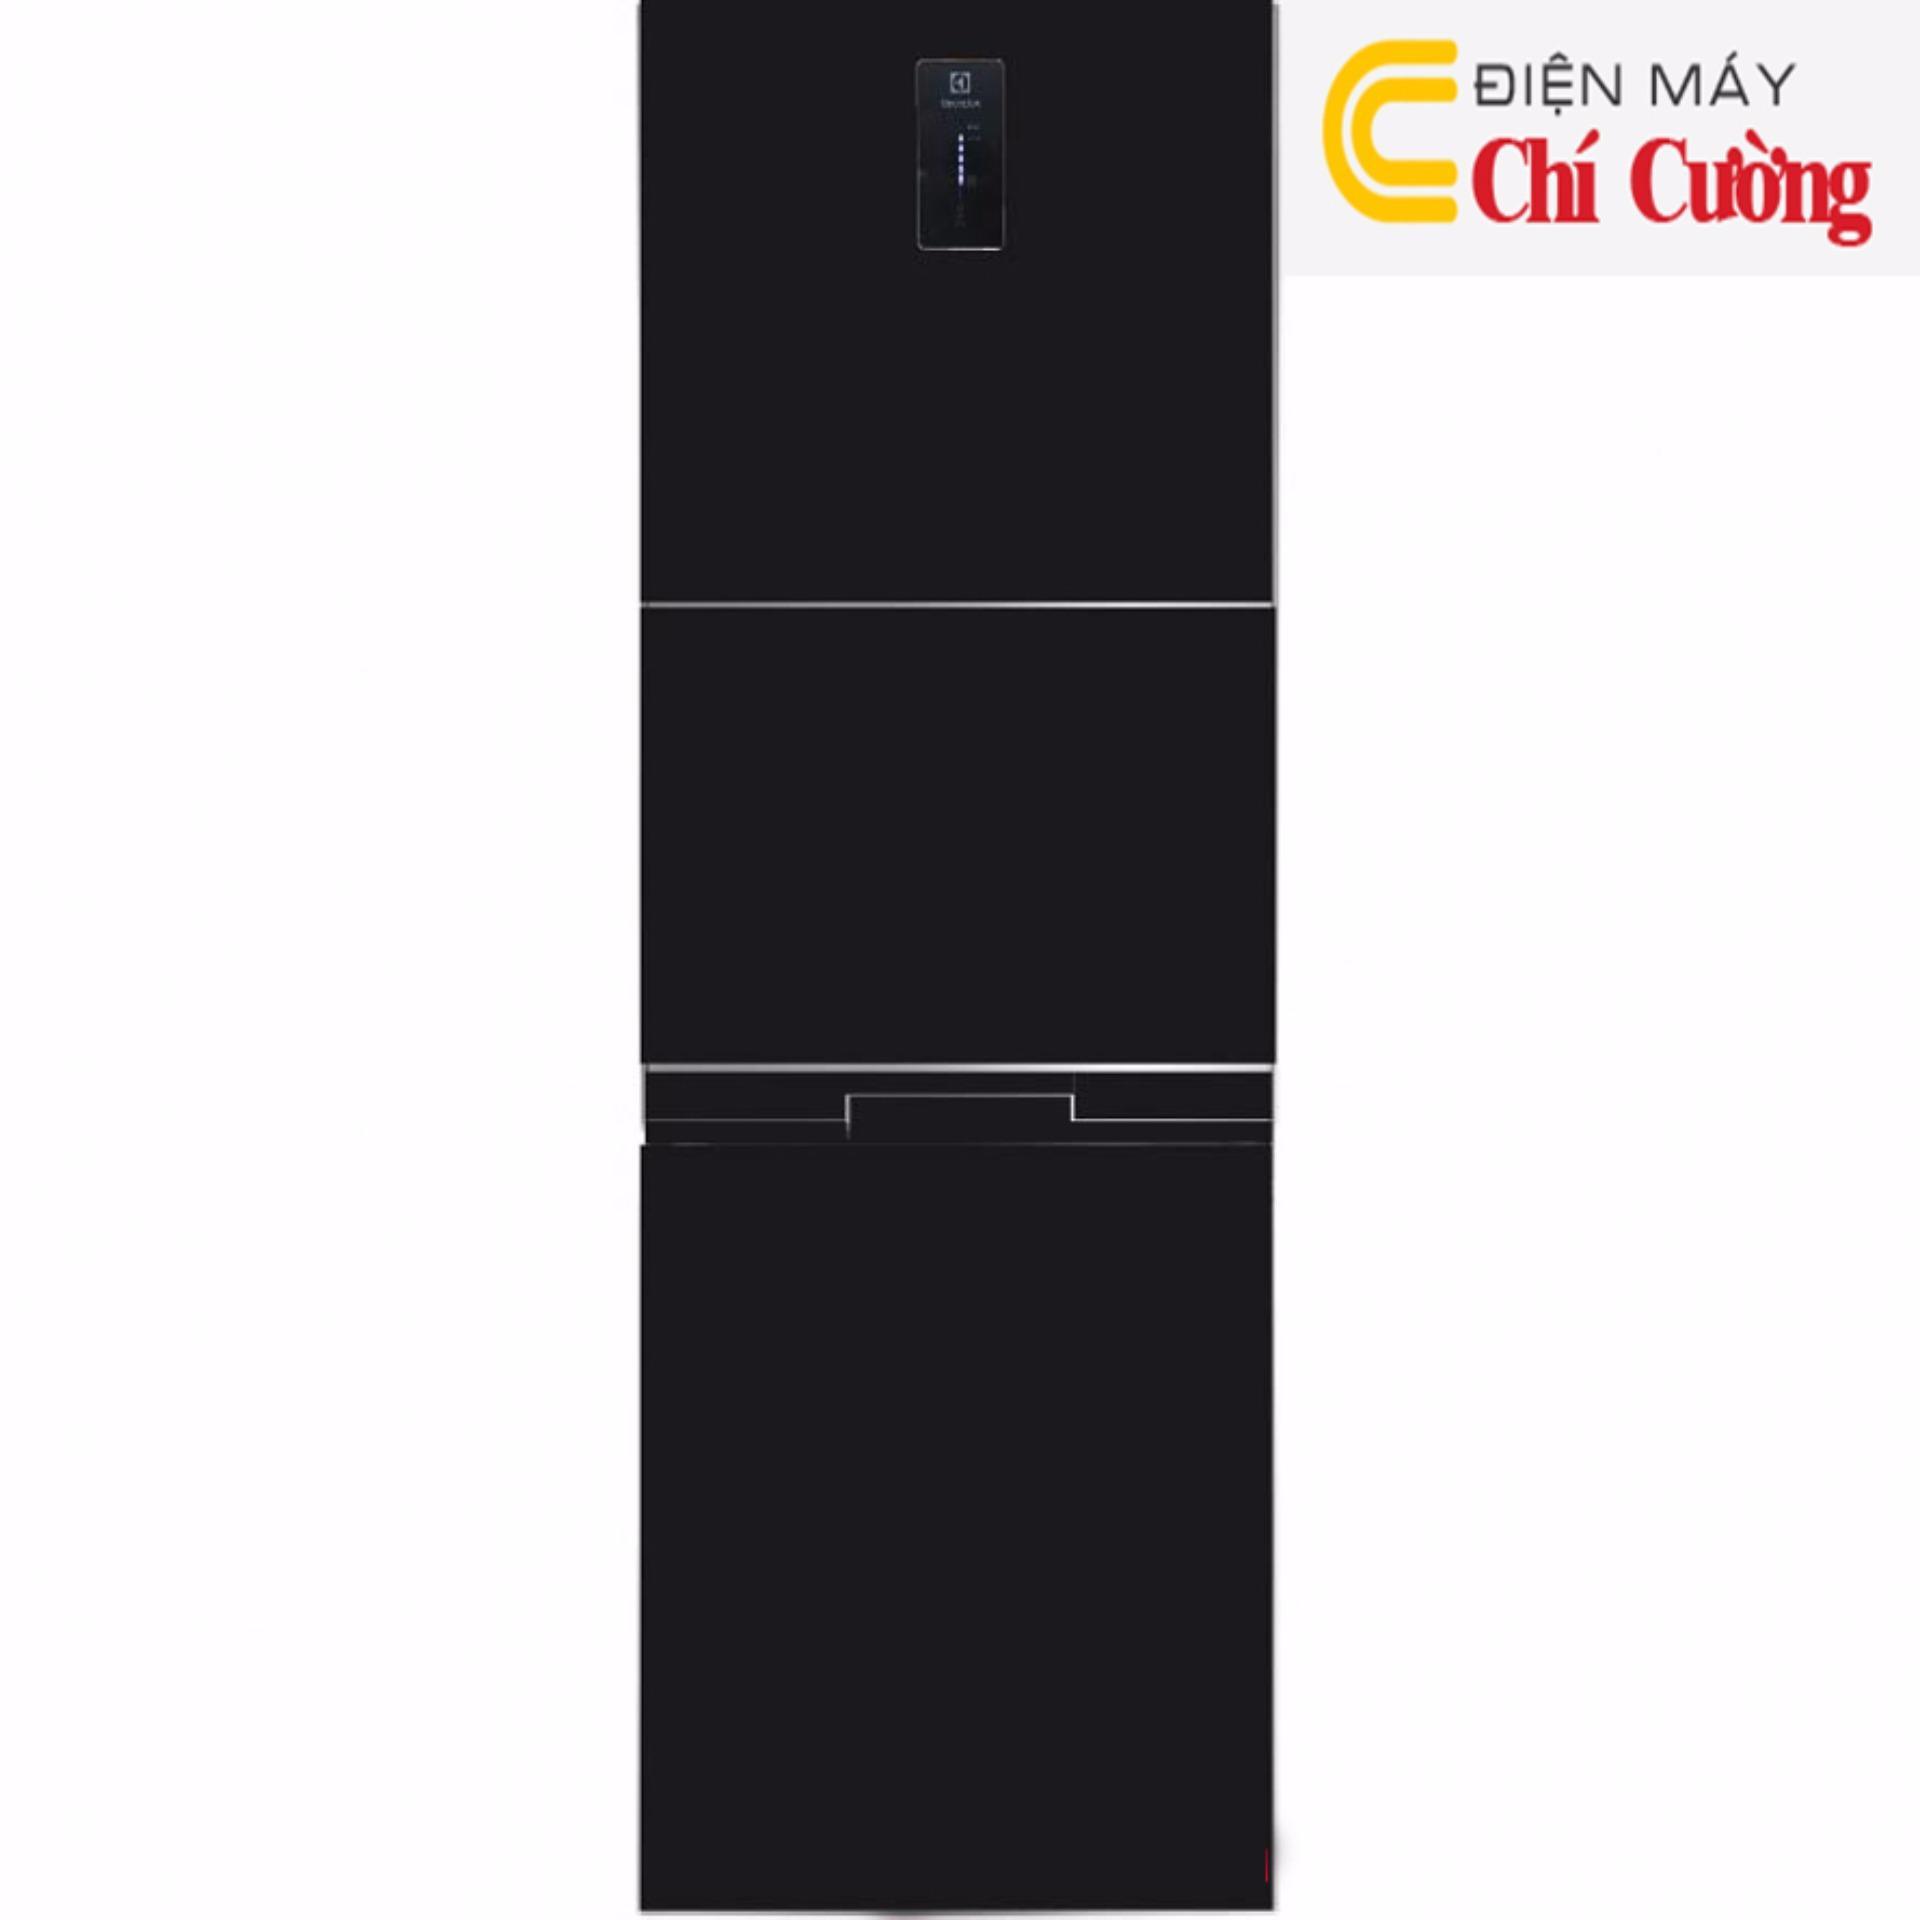 Tủ lạnh Electrolux EME3500BG 334 lít 3 cửa Inverter (Đen)